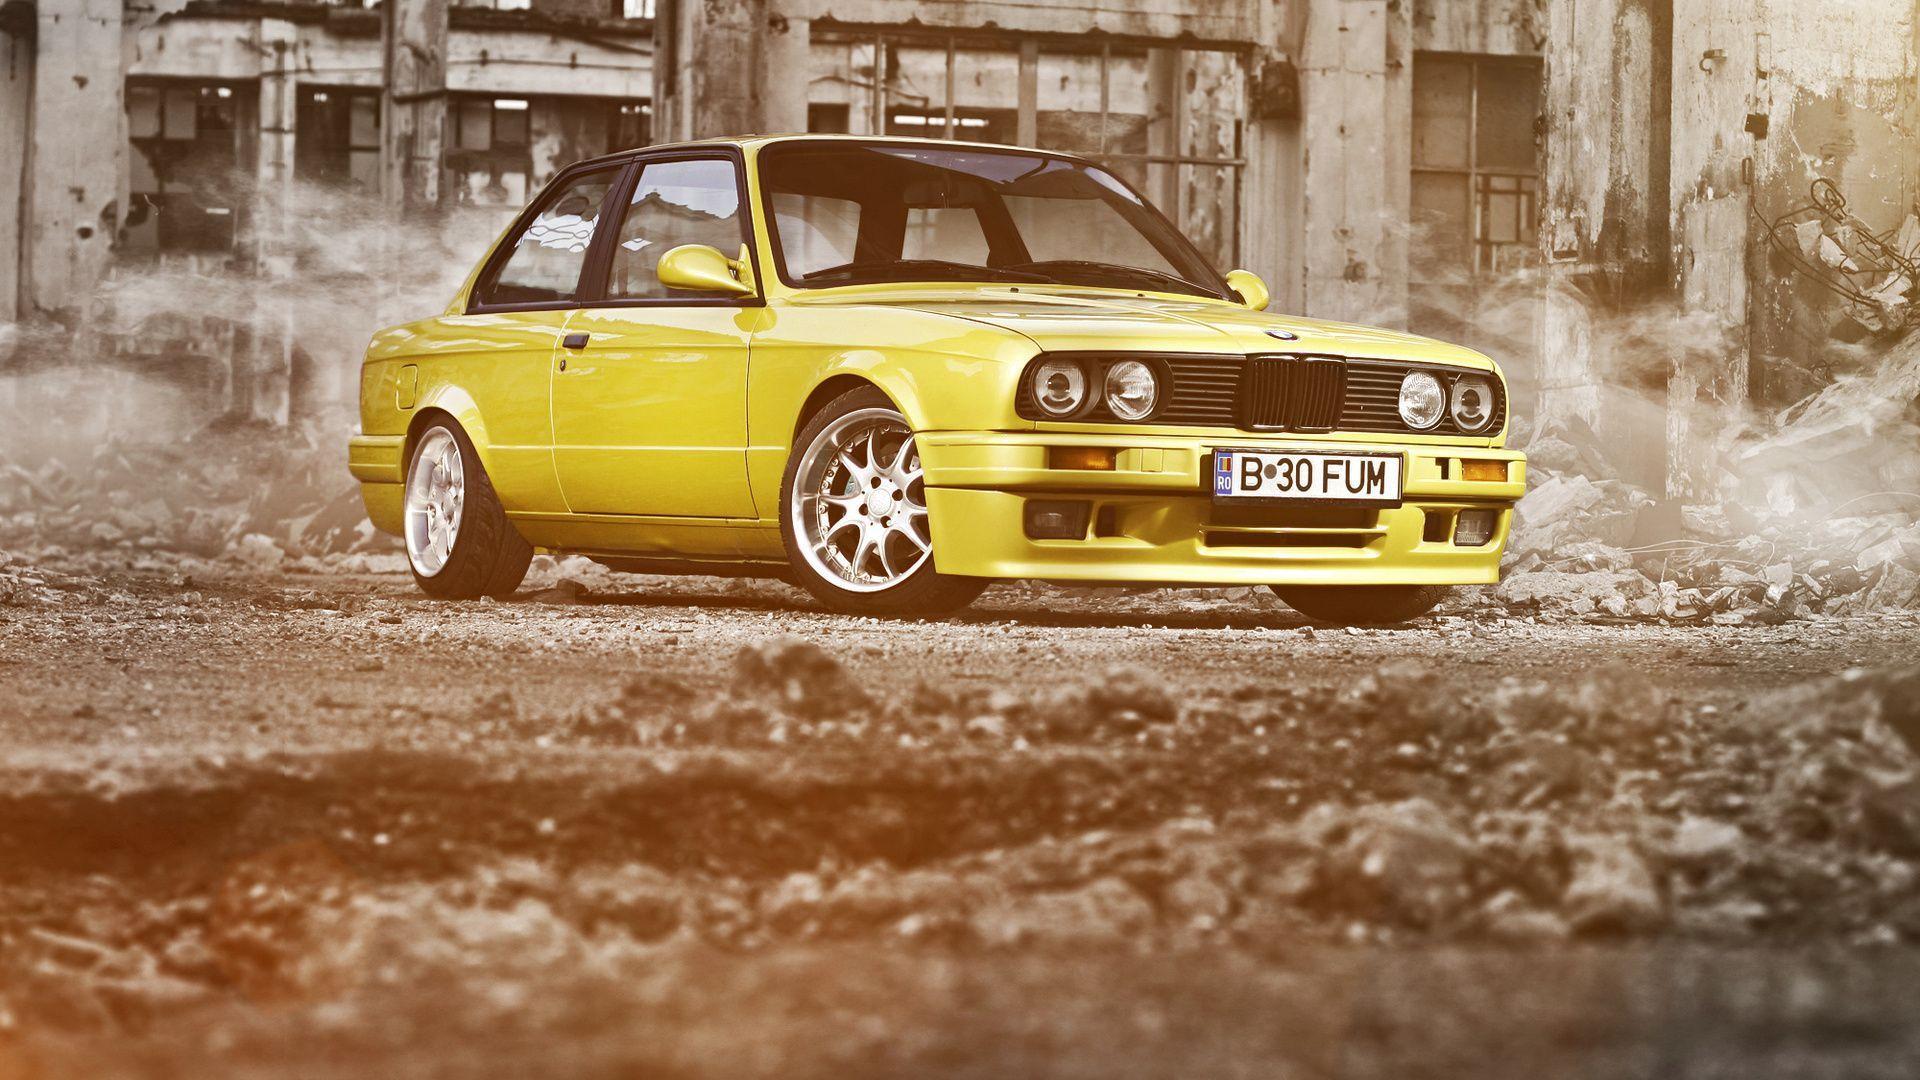 BMW E30 Wallpaper 20